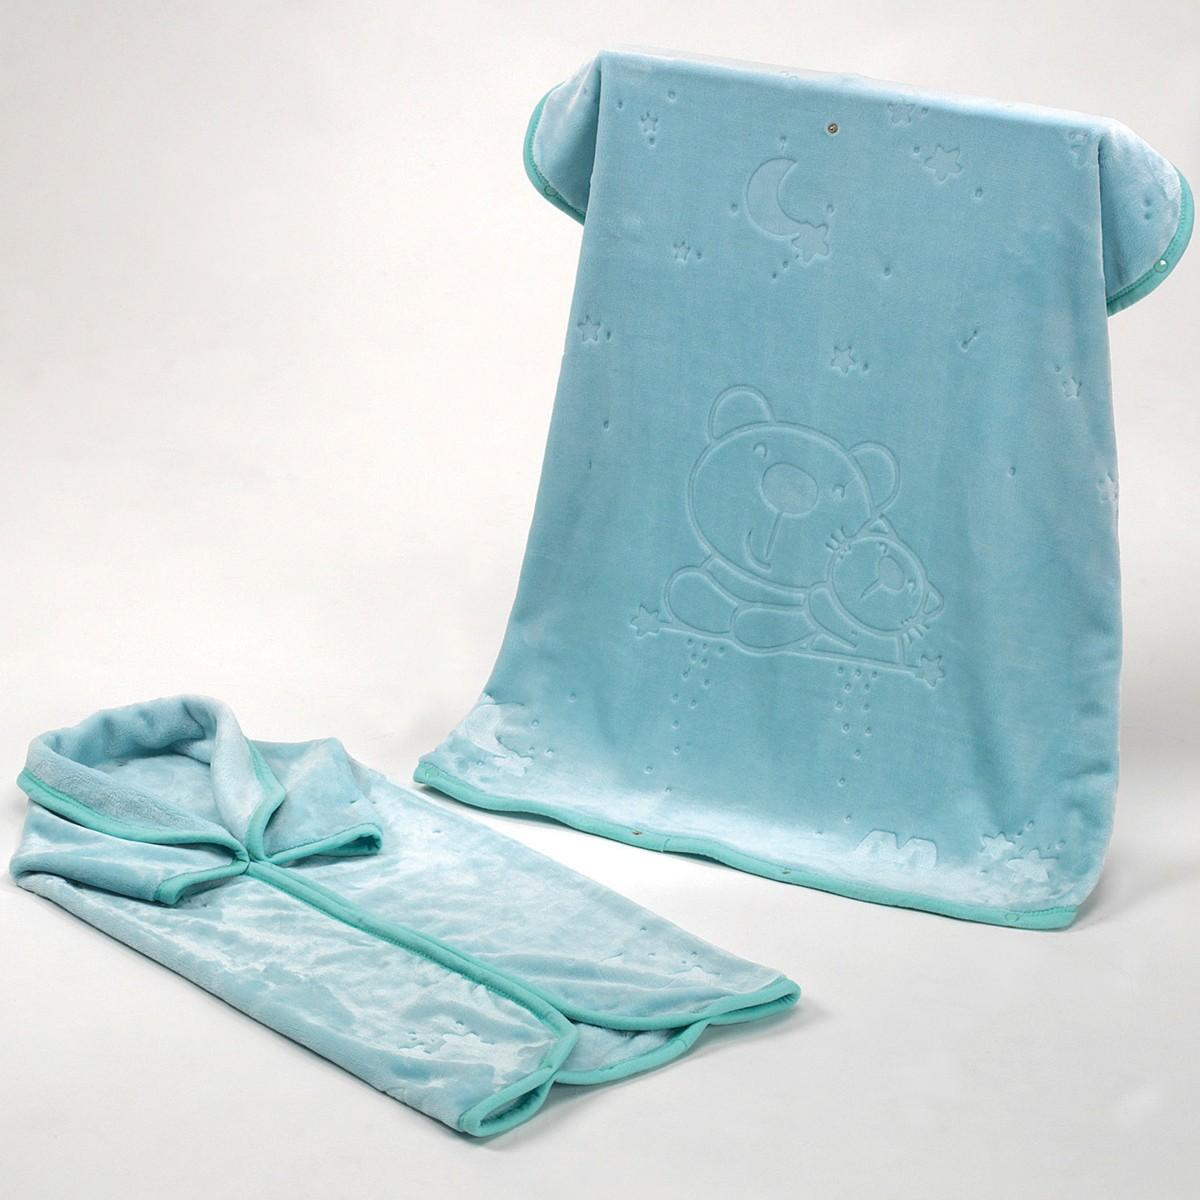 Υπνόσακος Κουβέρτα Βελουτέ Morven Baby Coat 923 Ciel